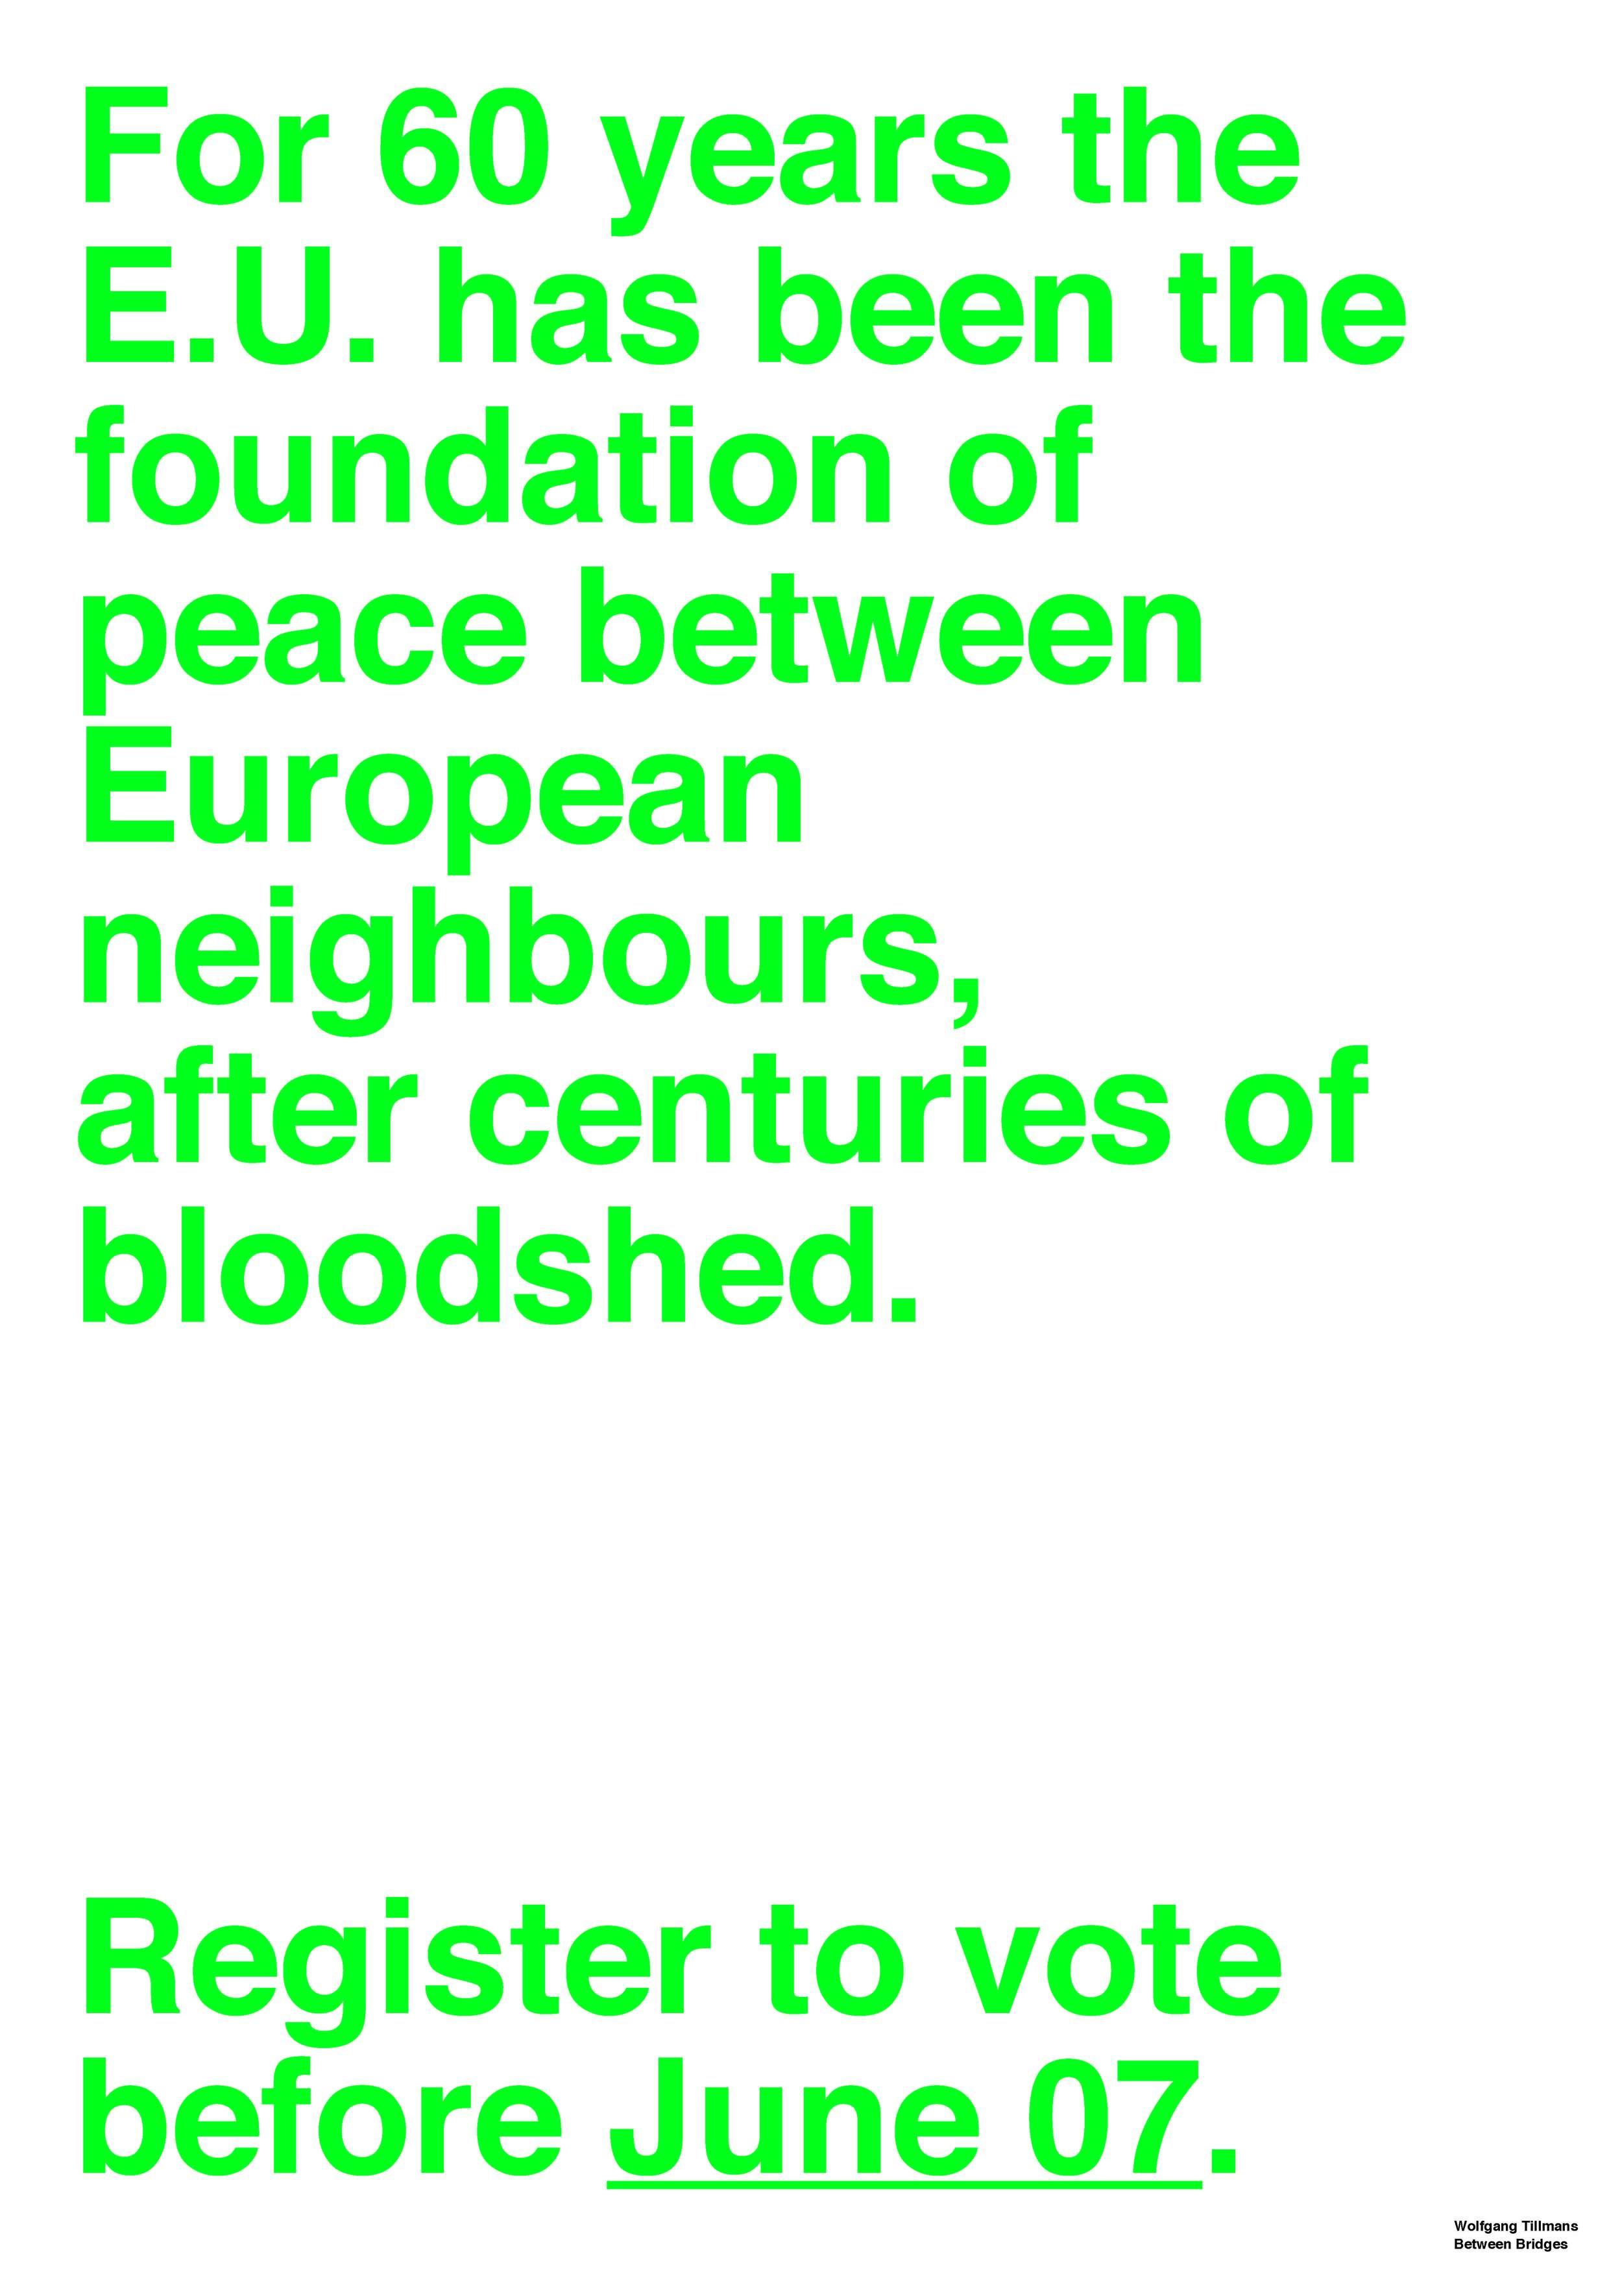 EU Campaign Wolfgang Tillmans - Between Bridges_26.04_Page_06.jpg